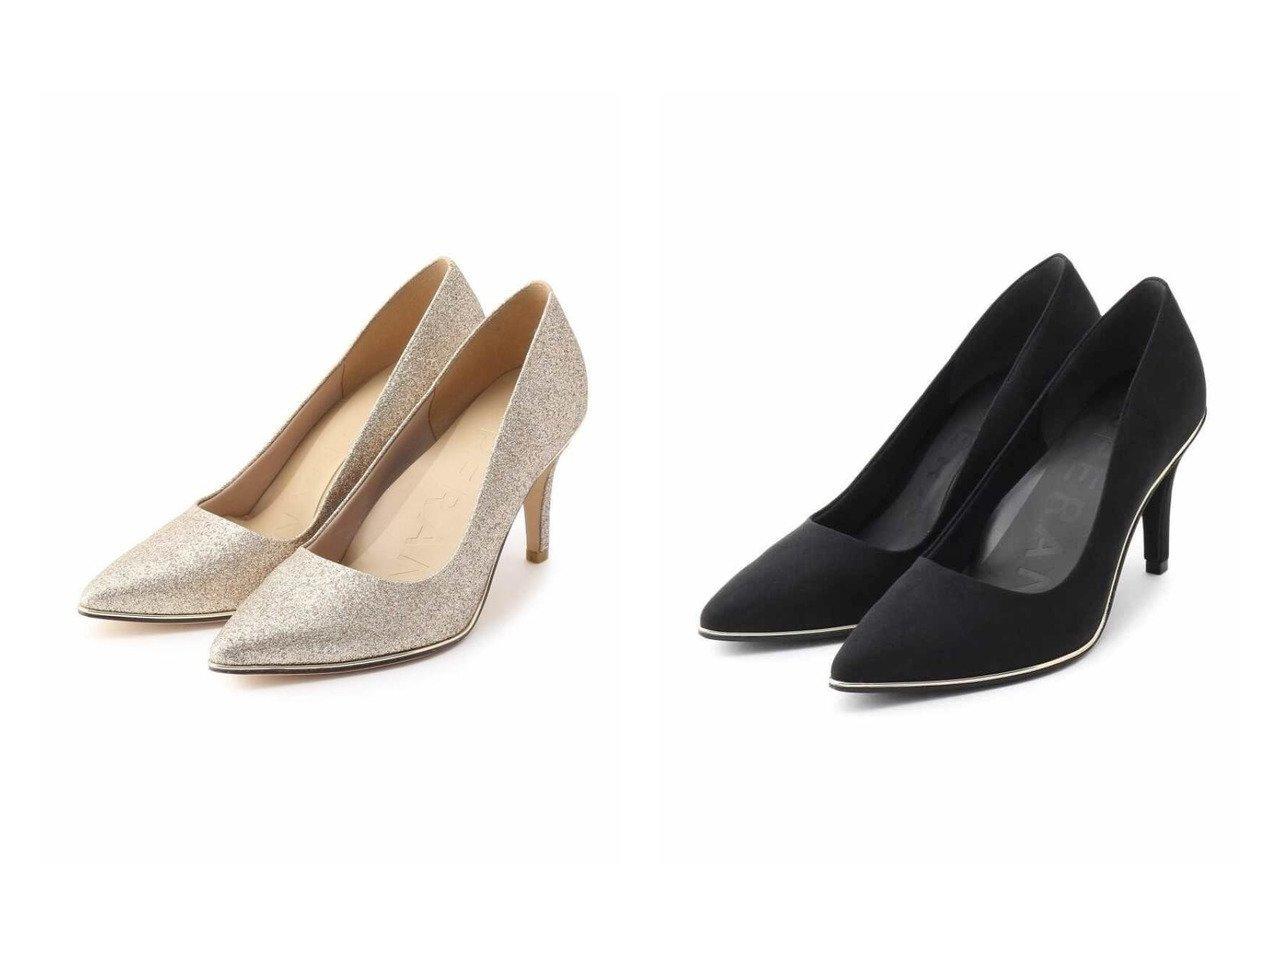 【ESPERANZA/エスペランサ】のハイヒール12HパンプスNEO シューズ・靴のおすすめ!人気、トレンド・レディースファッションの通販 おすすめで人気の流行・トレンド、ファッションの通販商品 メンズファッション・キッズファッション・インテリア・家具・レディースファッション・服の通販 founy(ファニー) https://founy.com/ ファッション Fashion レディースファッション WOMEN クッション シューズ ハイヒール フォルム ベーシック 定番 Standard |ID:crp329100000023365